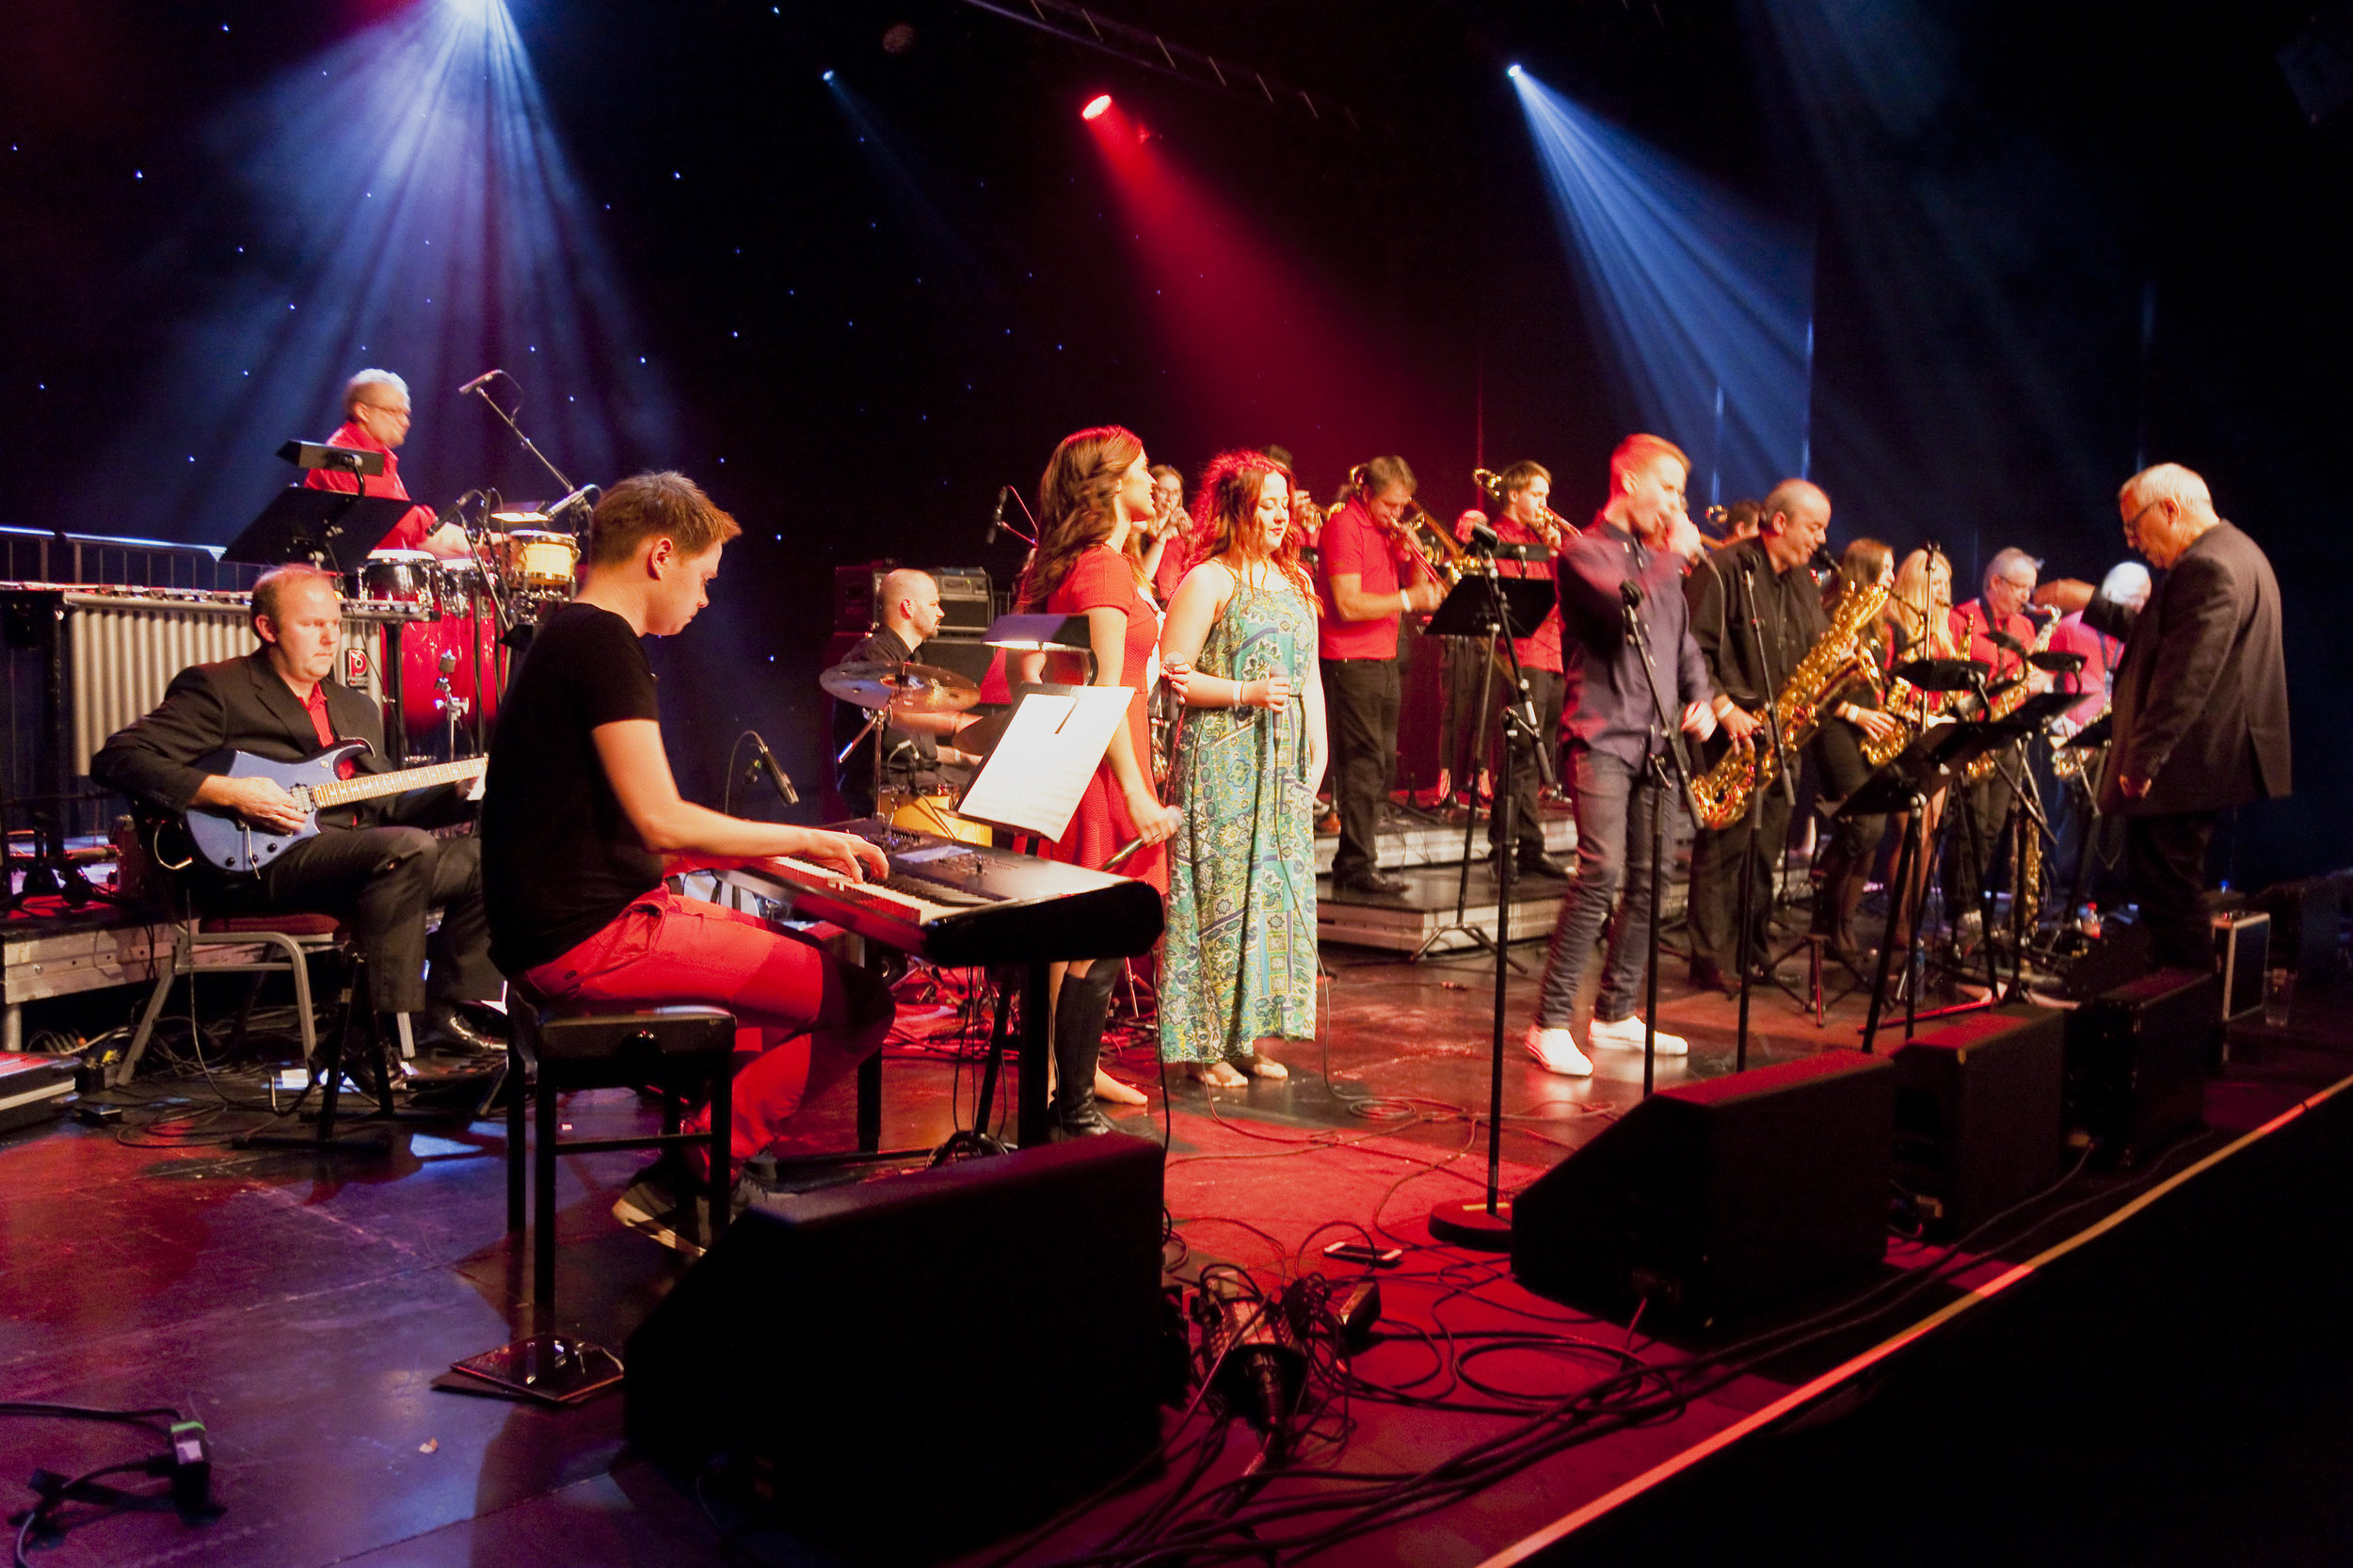 """Big Odd Band har siden starten i 1994 gjort seg bemerket som """"Talentfabrikken på Sunnmøre"""", da svært mange av deres flinke jazzmusikere har """"gått sine ungdomsår"""" nettopp i dette bandet. Big Odd Band har gjestet Romerike Storbandfestival flere ganger tidligere, sist gang i 2015. Foto: Halvor Gudim"""